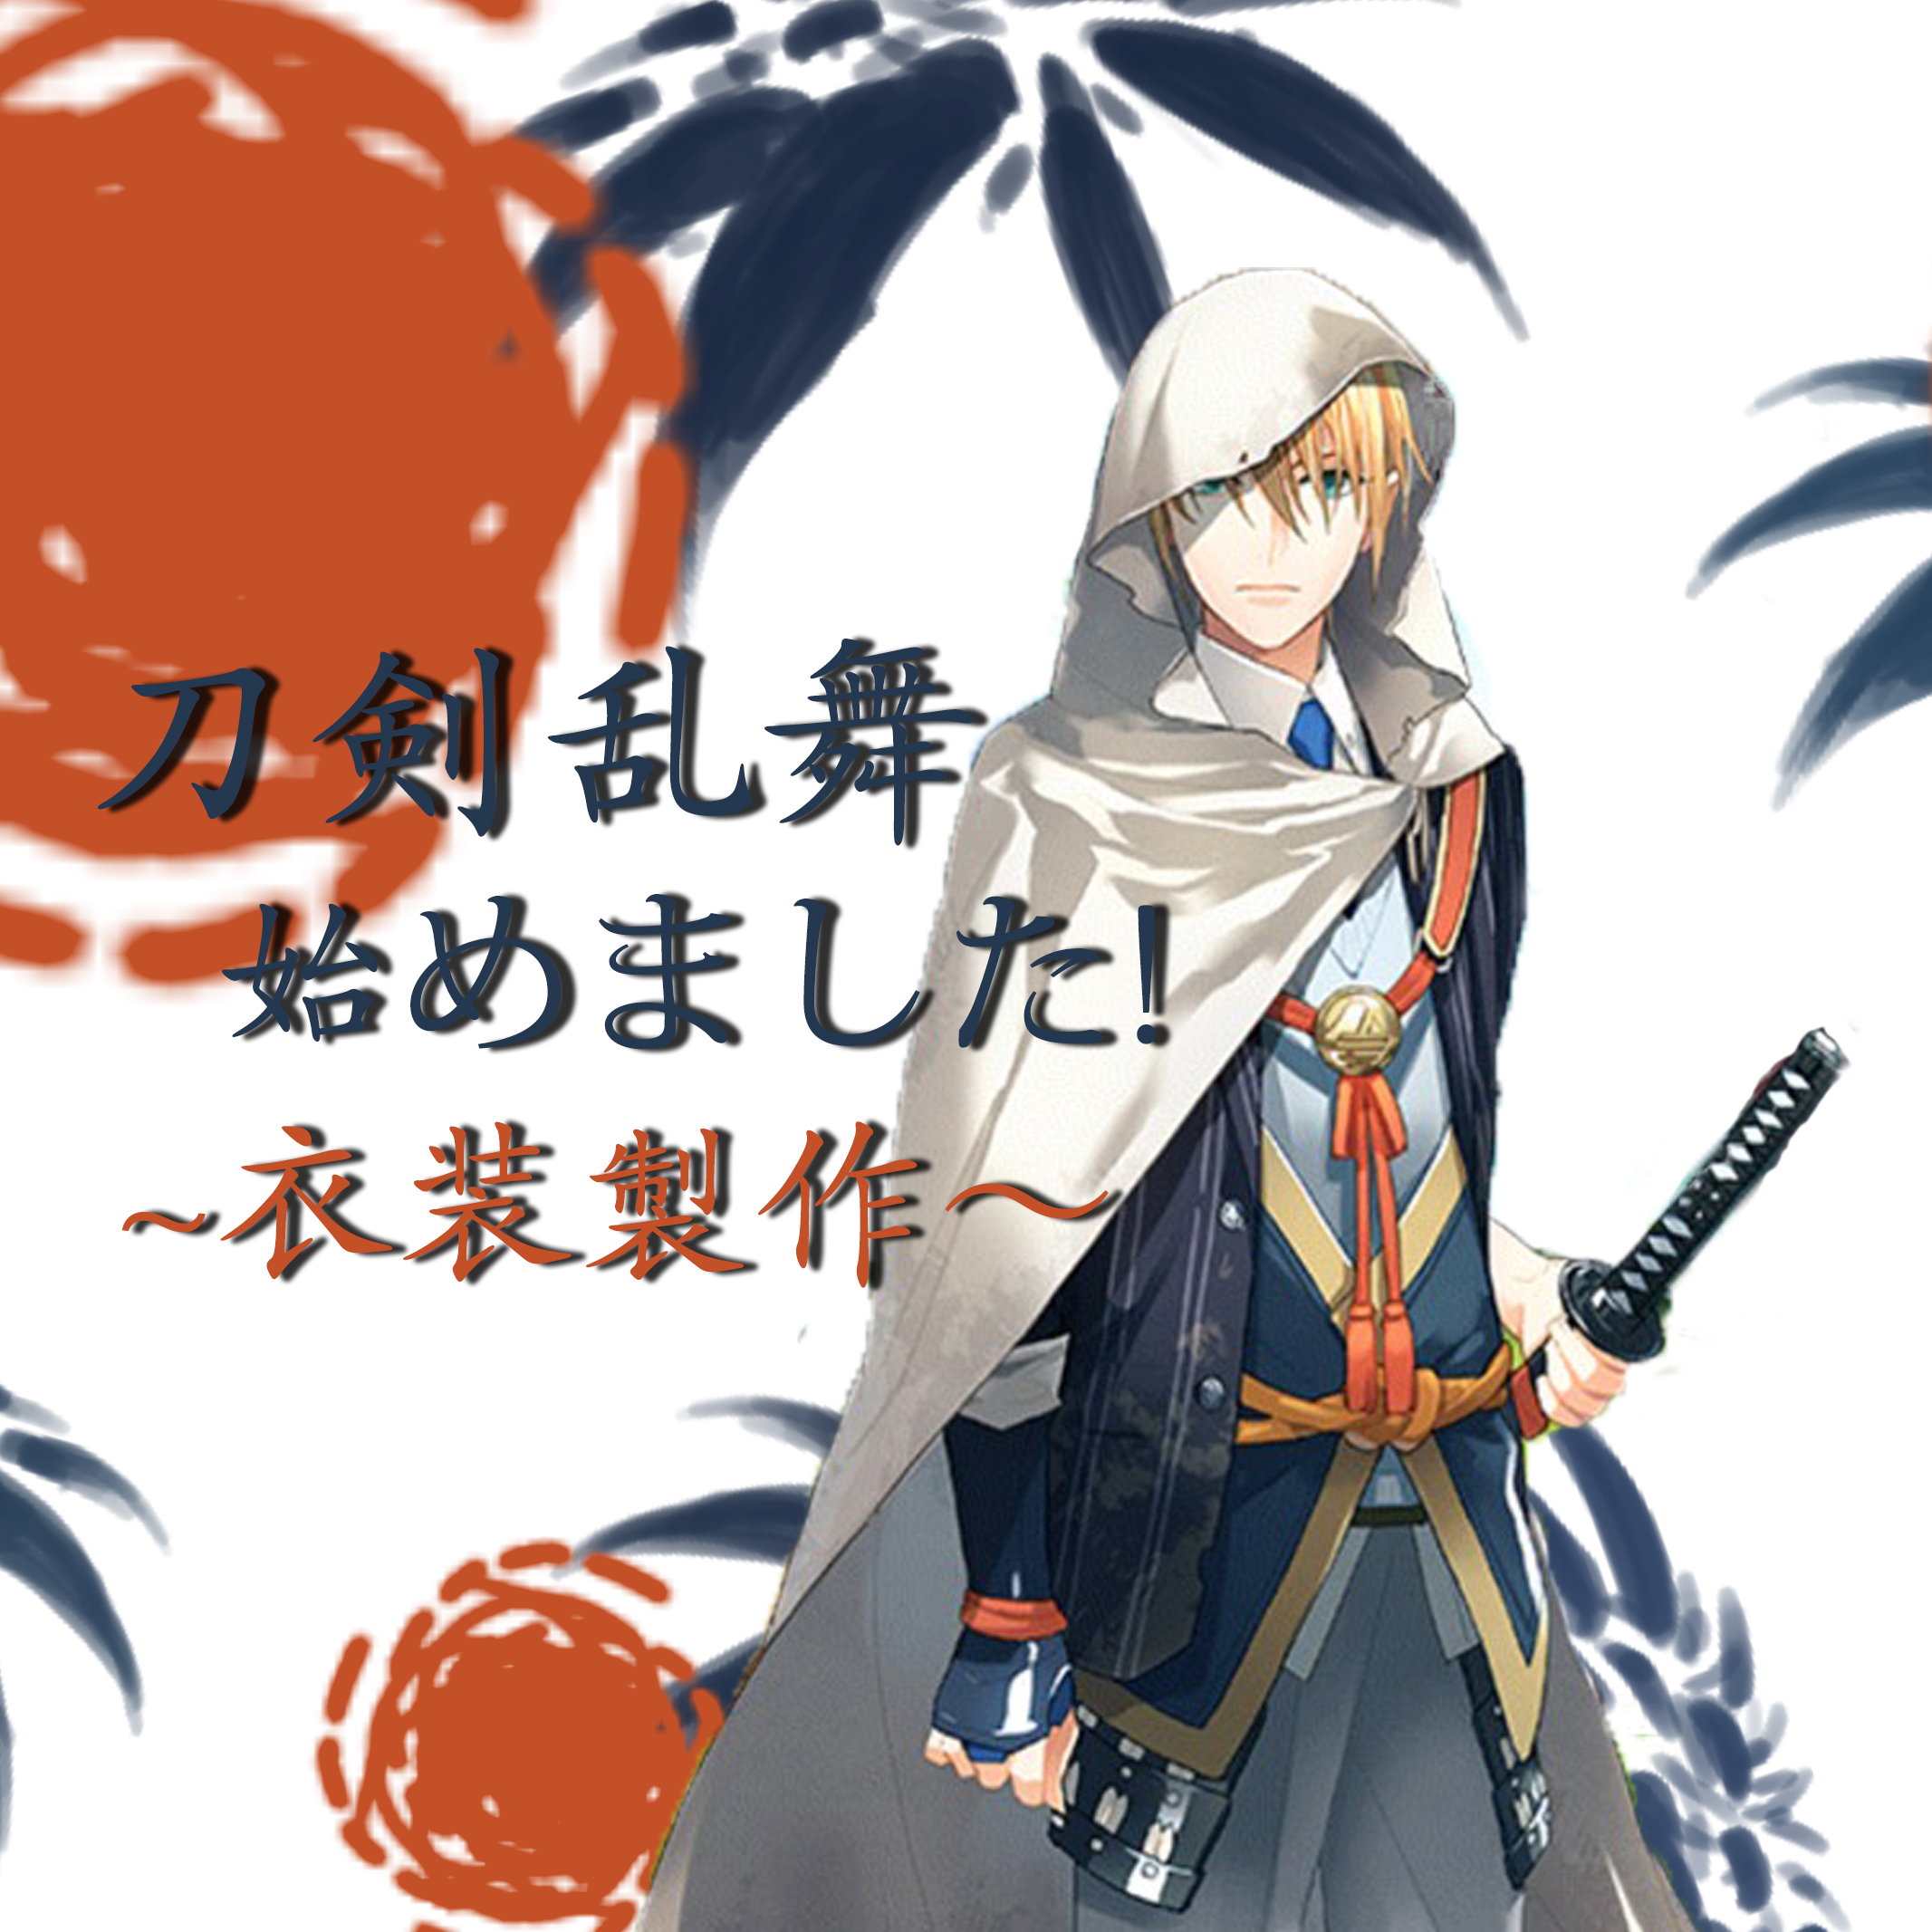 刀剣乱舞の刀剣男士【山姥切国広】